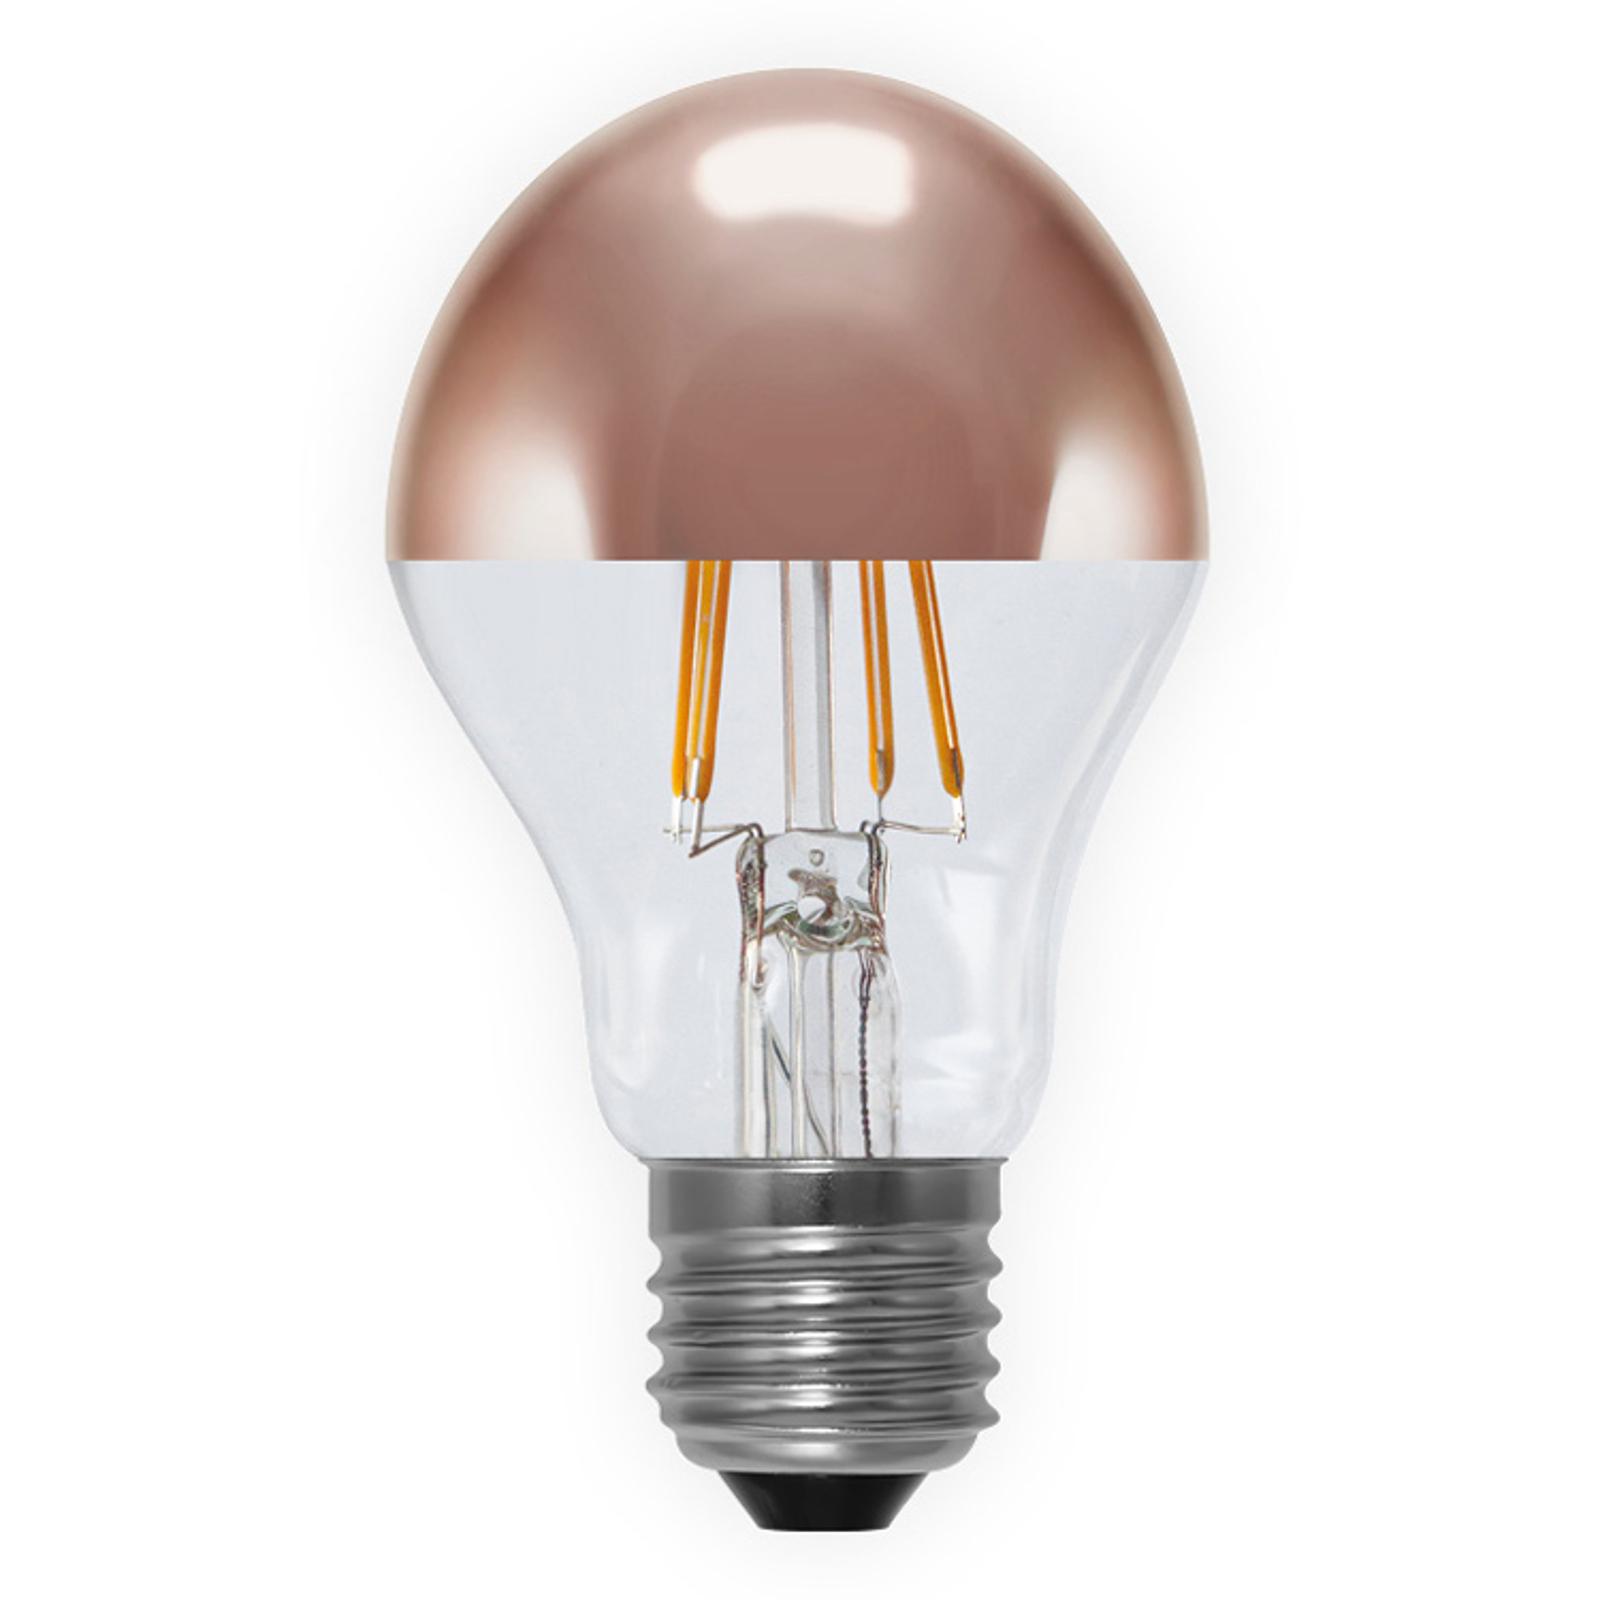 Ampoule LED à tête miroir E27 4W 926, cuivrée